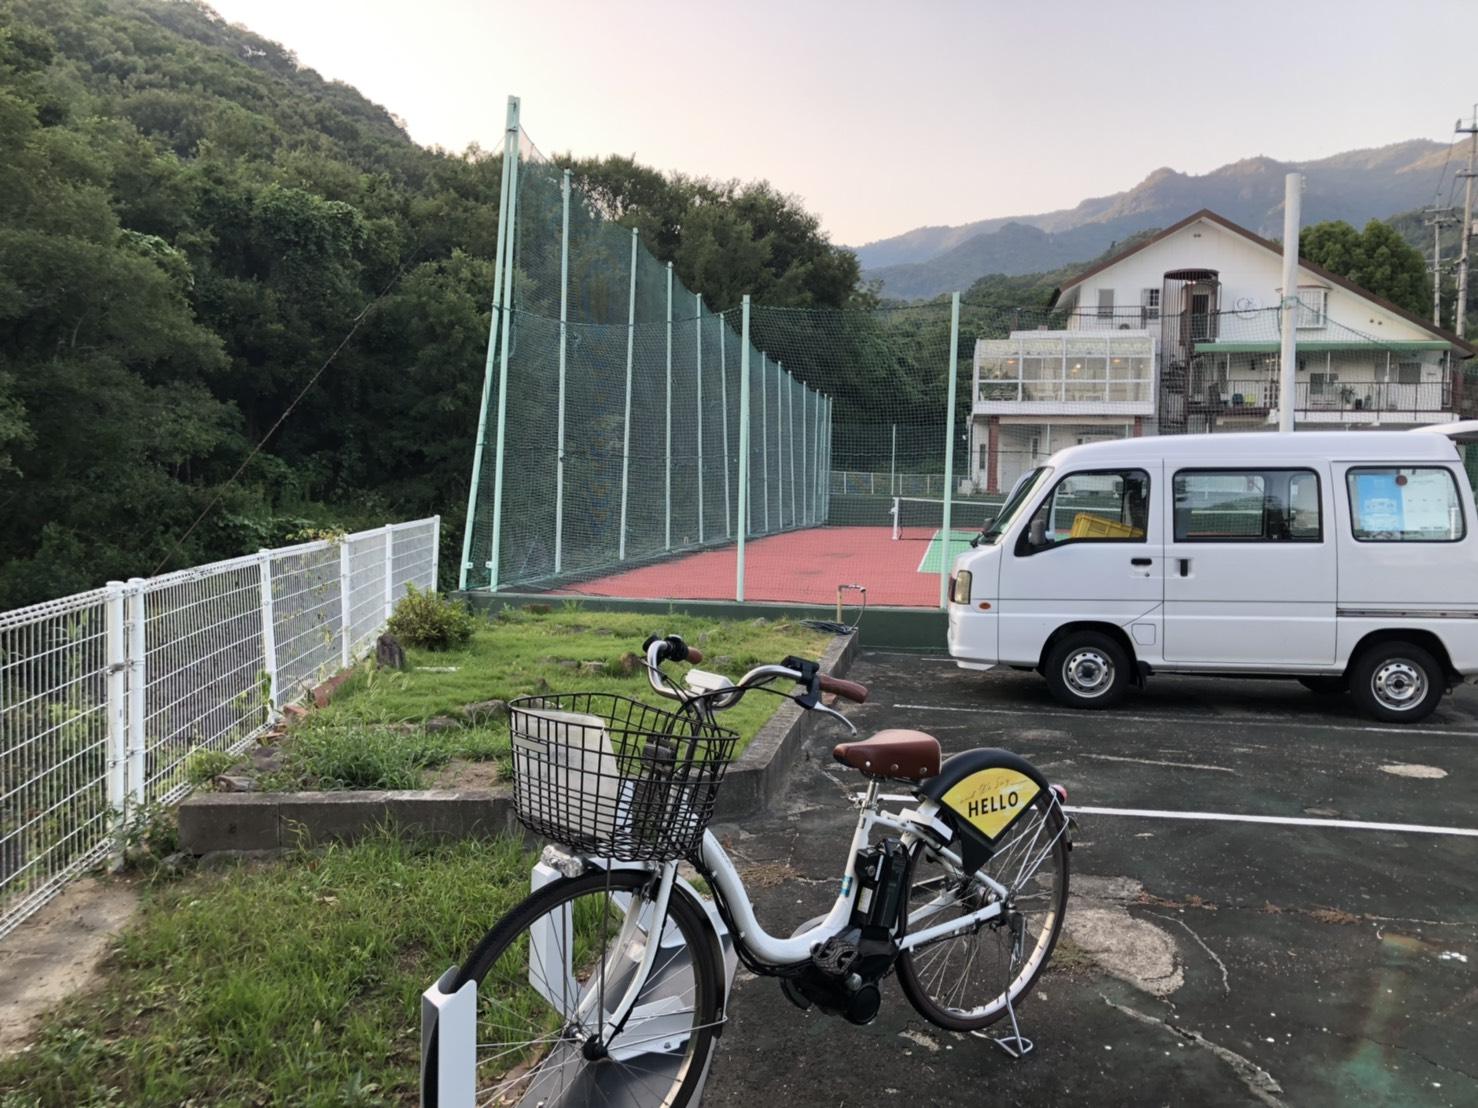 小豆島 ペンションオリーブ (HELLO CYCLING ポート) image